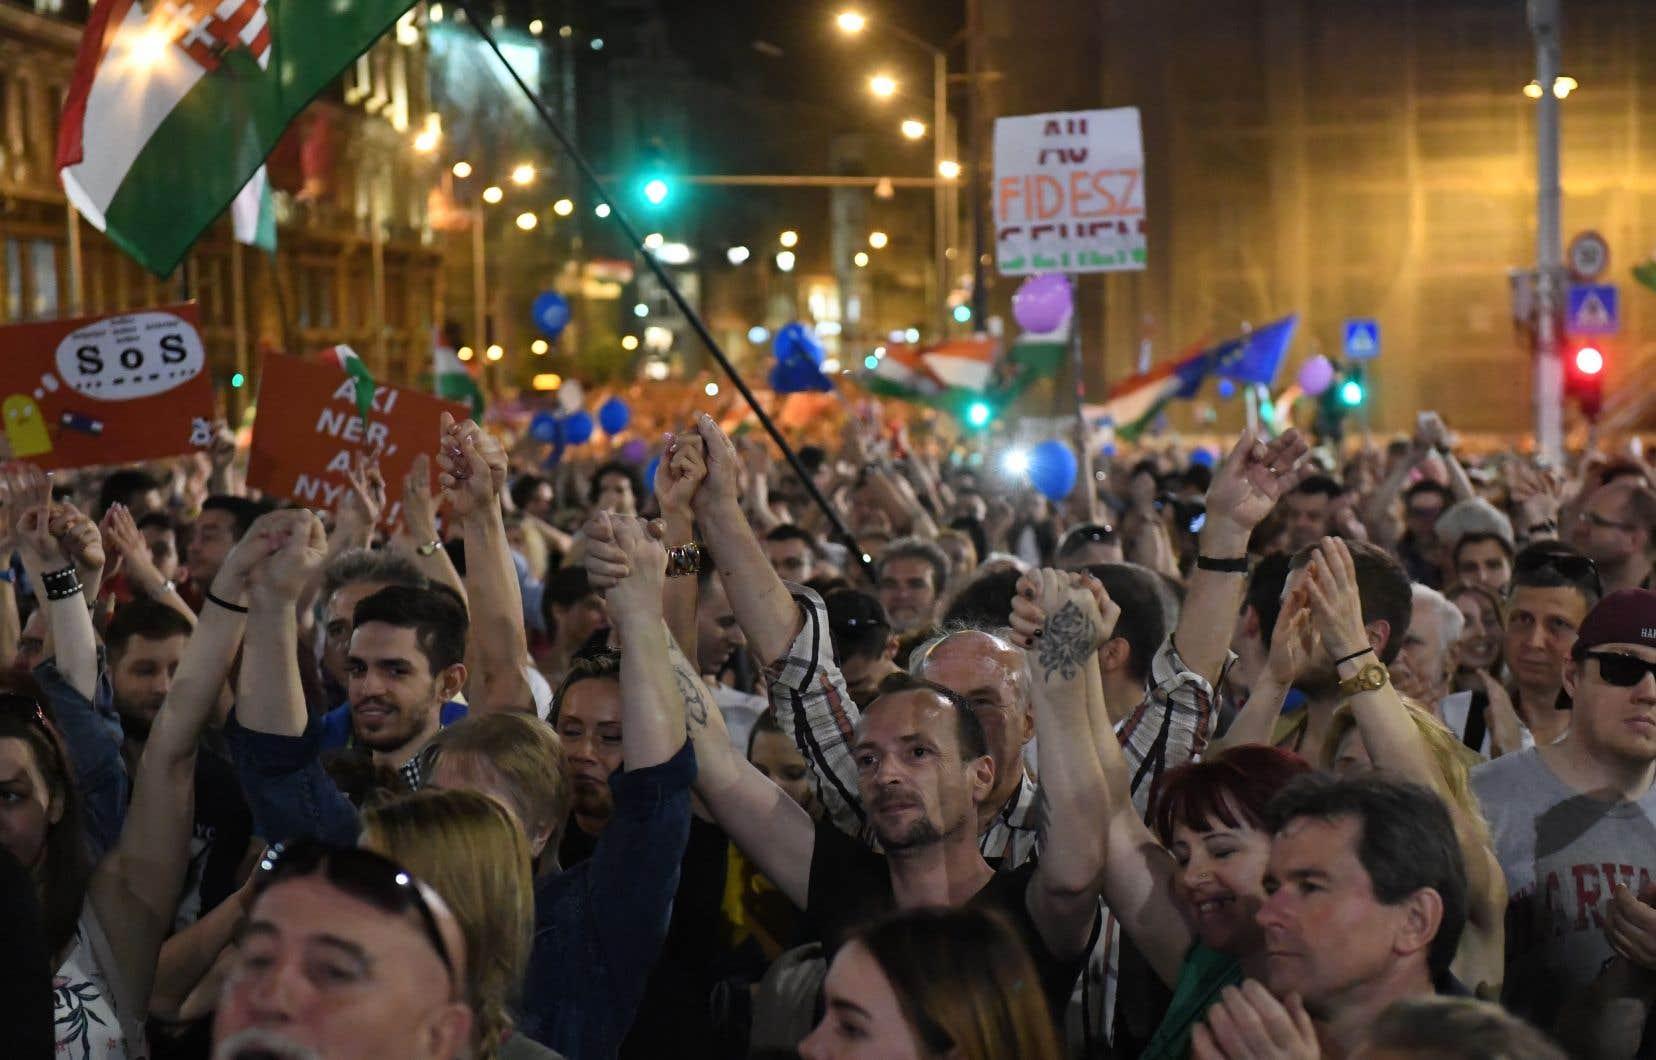 Au moins 30 000 personnes ont défilé à travers la capitale pour rejoindre un meeting où les orateurs ont exigé des médias publics non partisans.